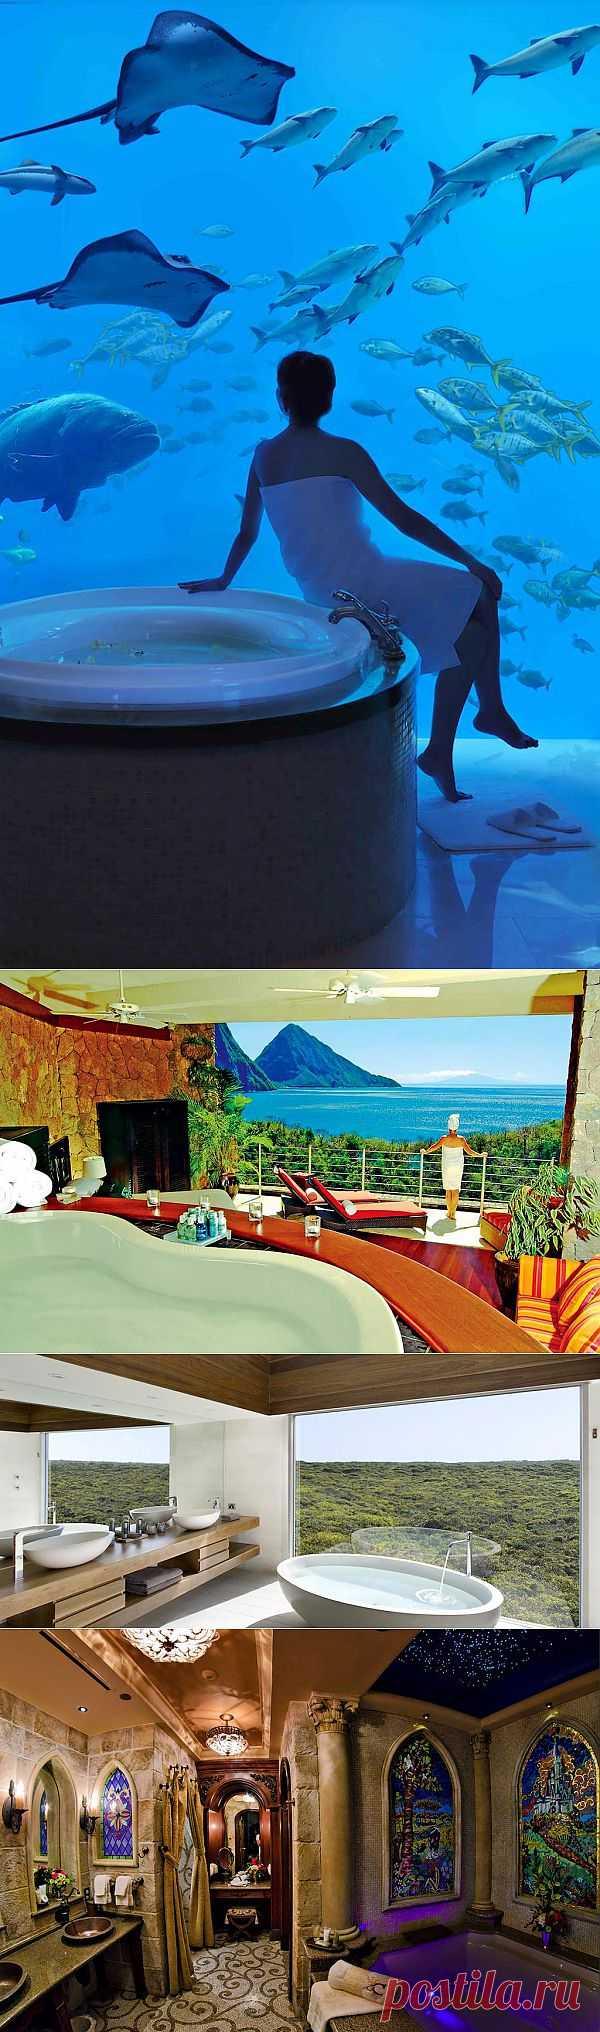 10 отелей с самыми потрясающими ваннами : НОВОСТИ В ФОТОГРАФИЯХ